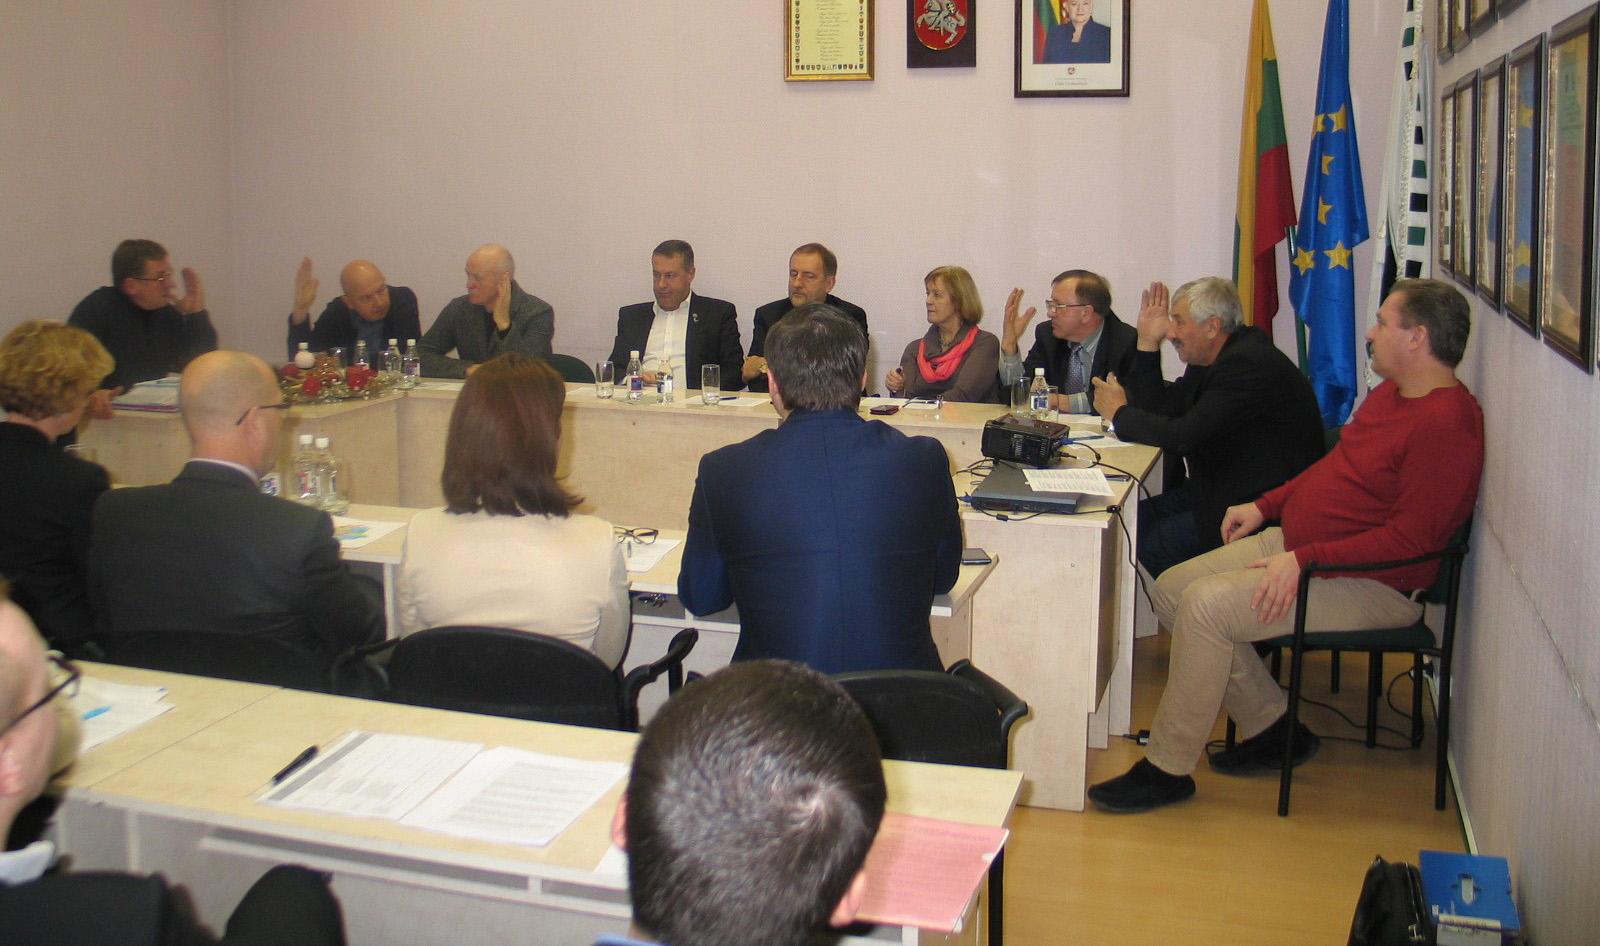 Balsuojant paaiškėjo, kad dauguma Ekonomikos ir finansų komiteto narių palaiko Savivaldybės parengtą sprendimą dėl gyventojų apklausos Saugų seniūnijoje.